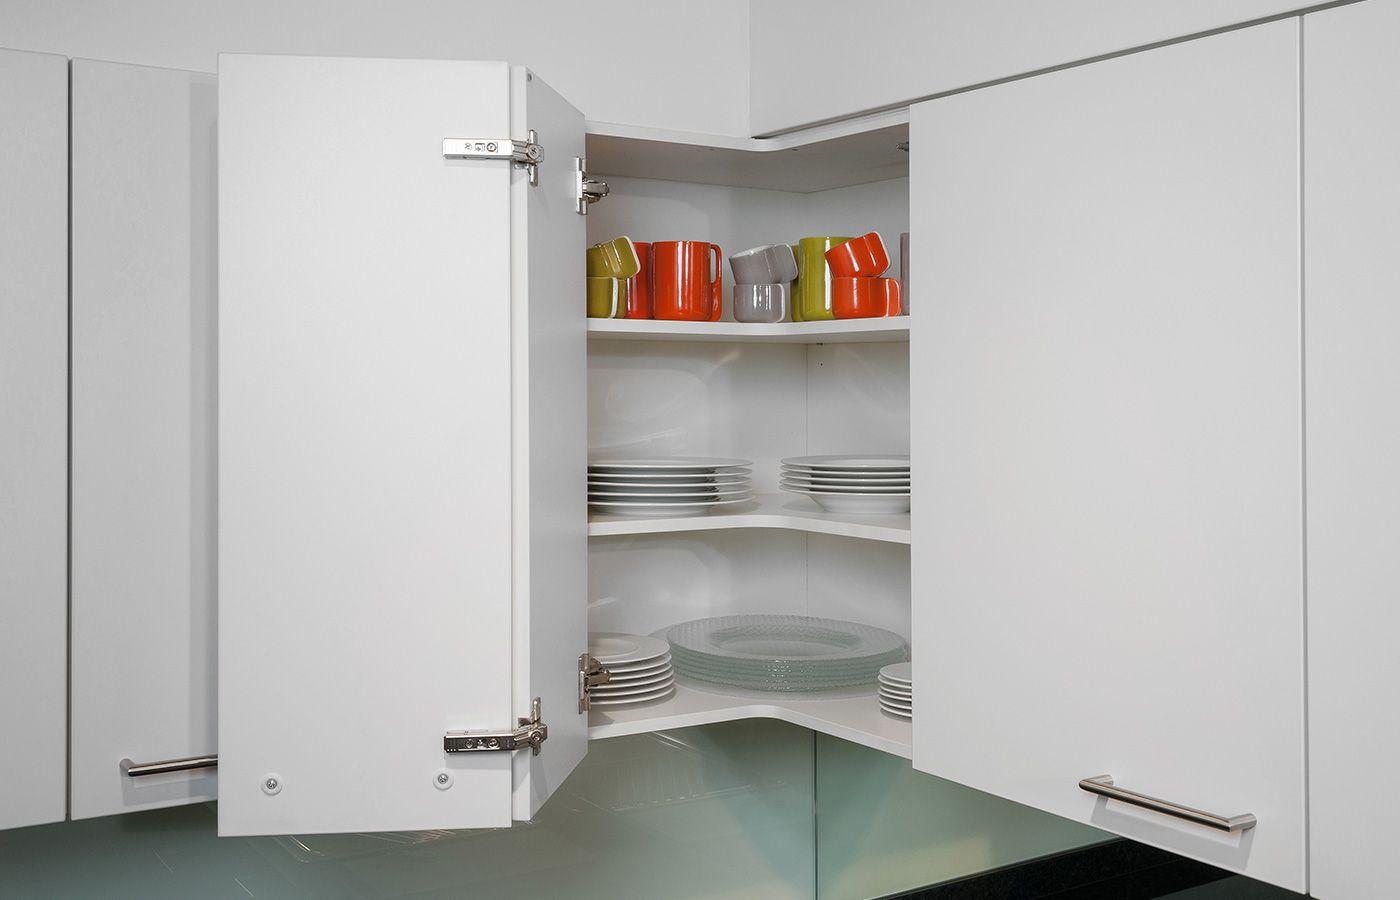 Kuche Oberschrank Ecklosung Die Vorzuge Von Dan Kuchen Dan Kuchenstudio